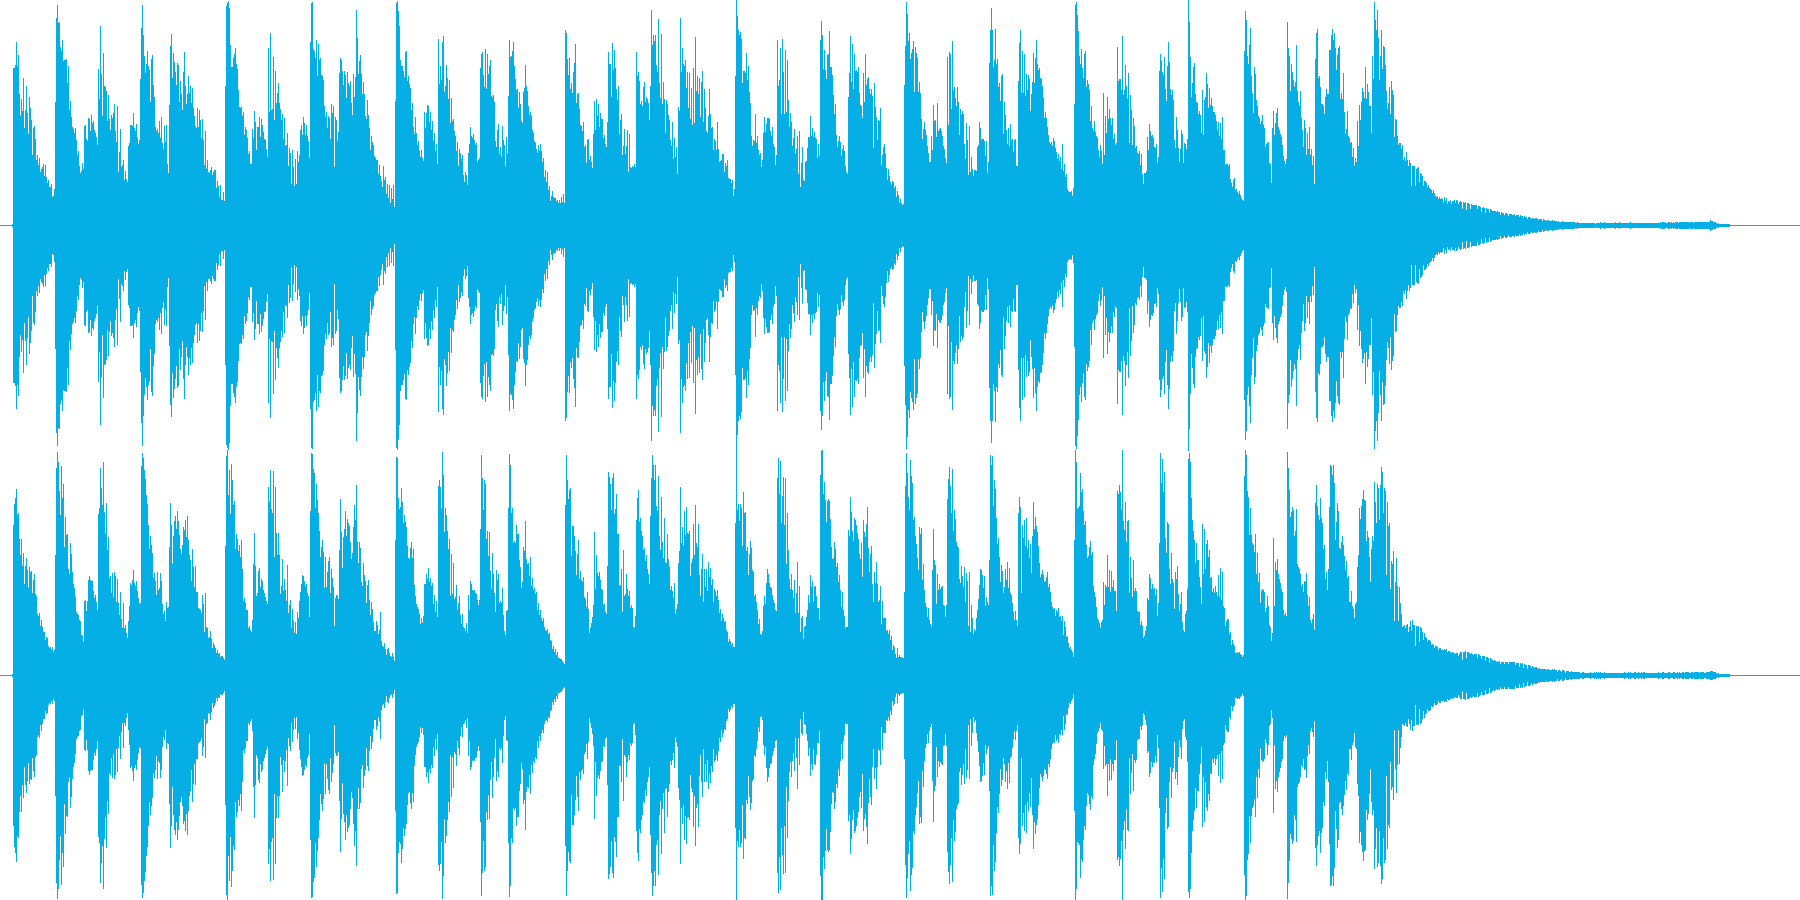 明るくポップな流行コーポレート系ロゴの再生済みの波形